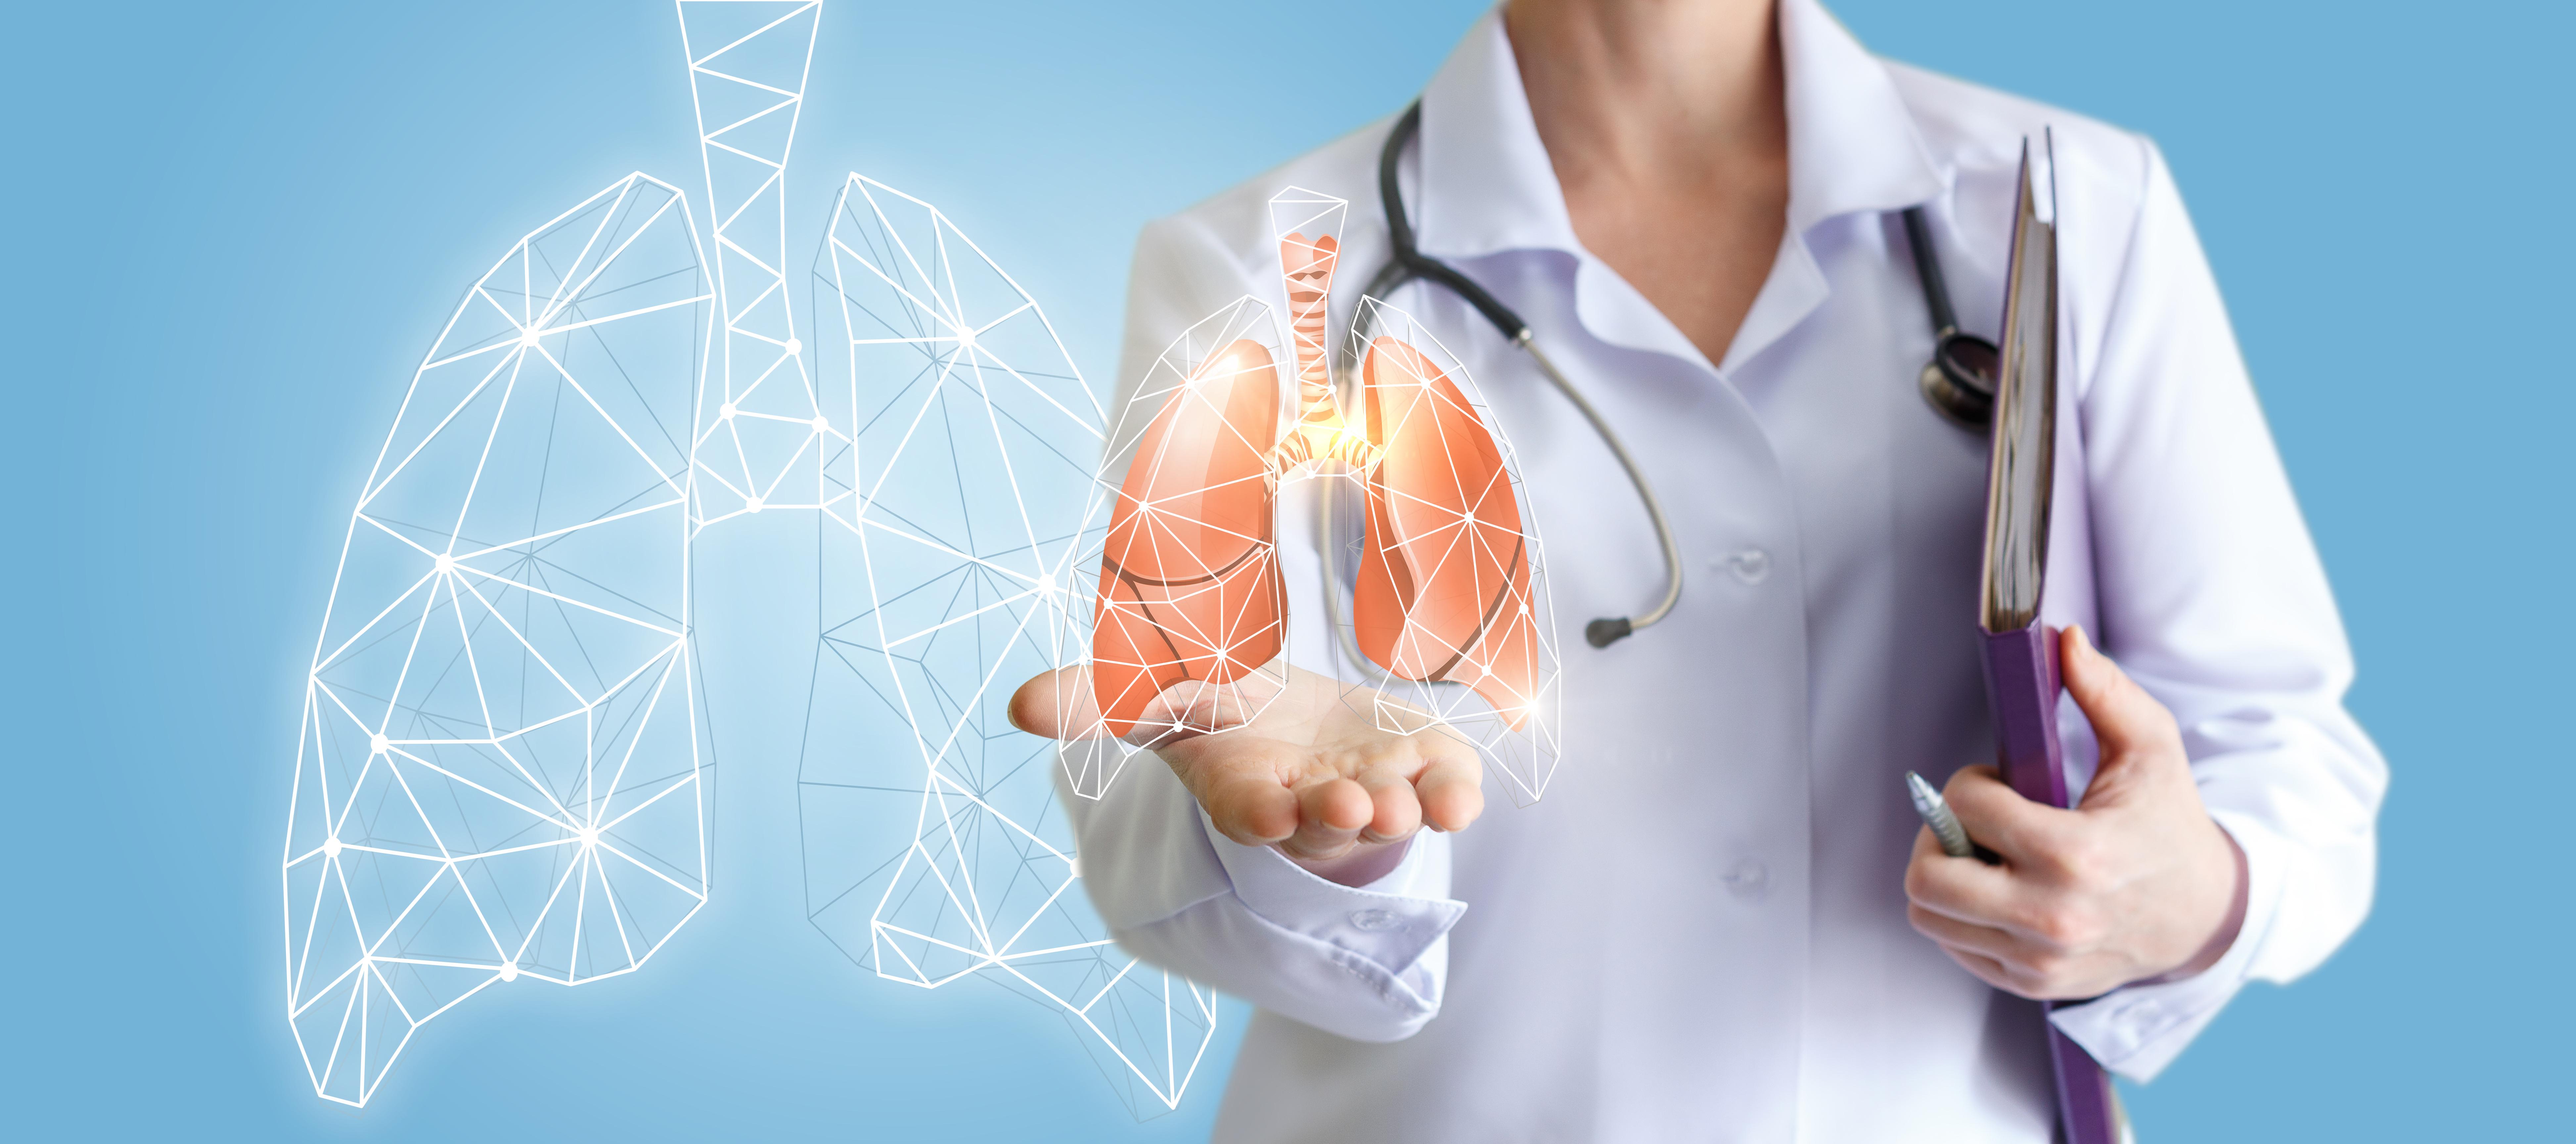 Пульмонолог - какие заболевания лечит врач